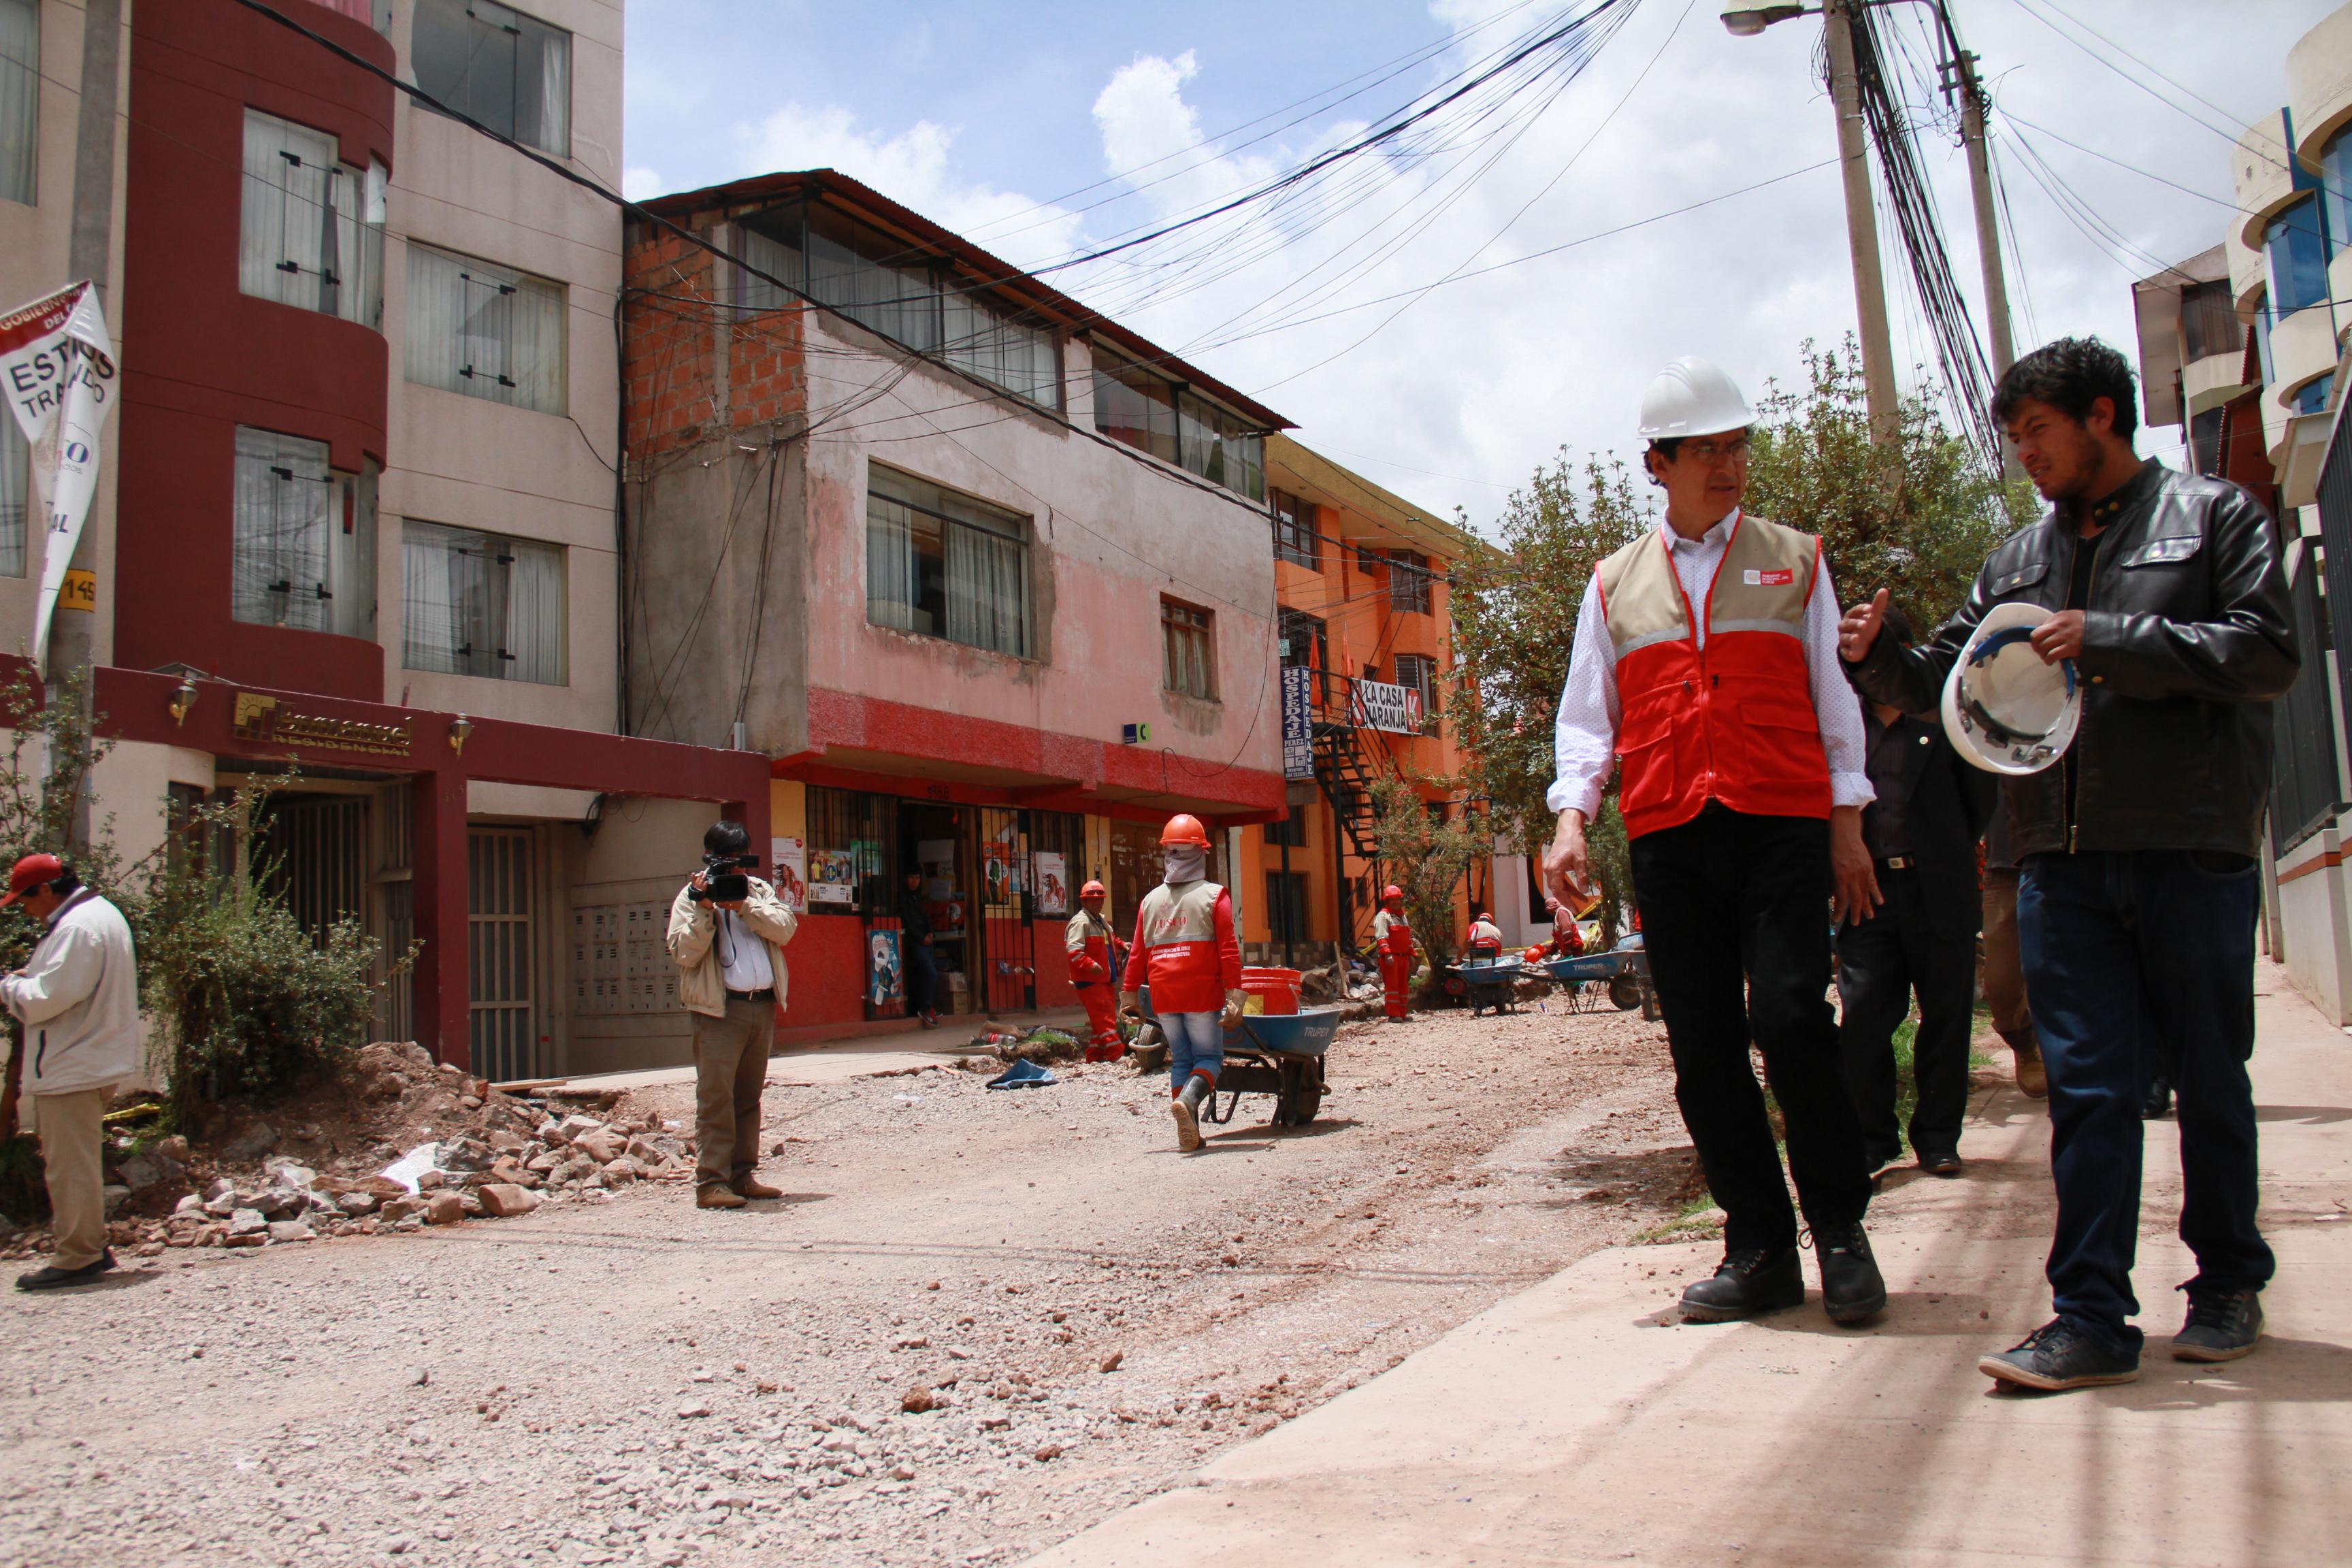 TRABAJOS EN AVENIDAS THÚPAQ AMARU Y CALLE MATEO PUMACAHUA  DEL DISTRITO DE WANCHAQ  SE ACELERAN FRENTE A TEMPORADA DE LLUVIAS.